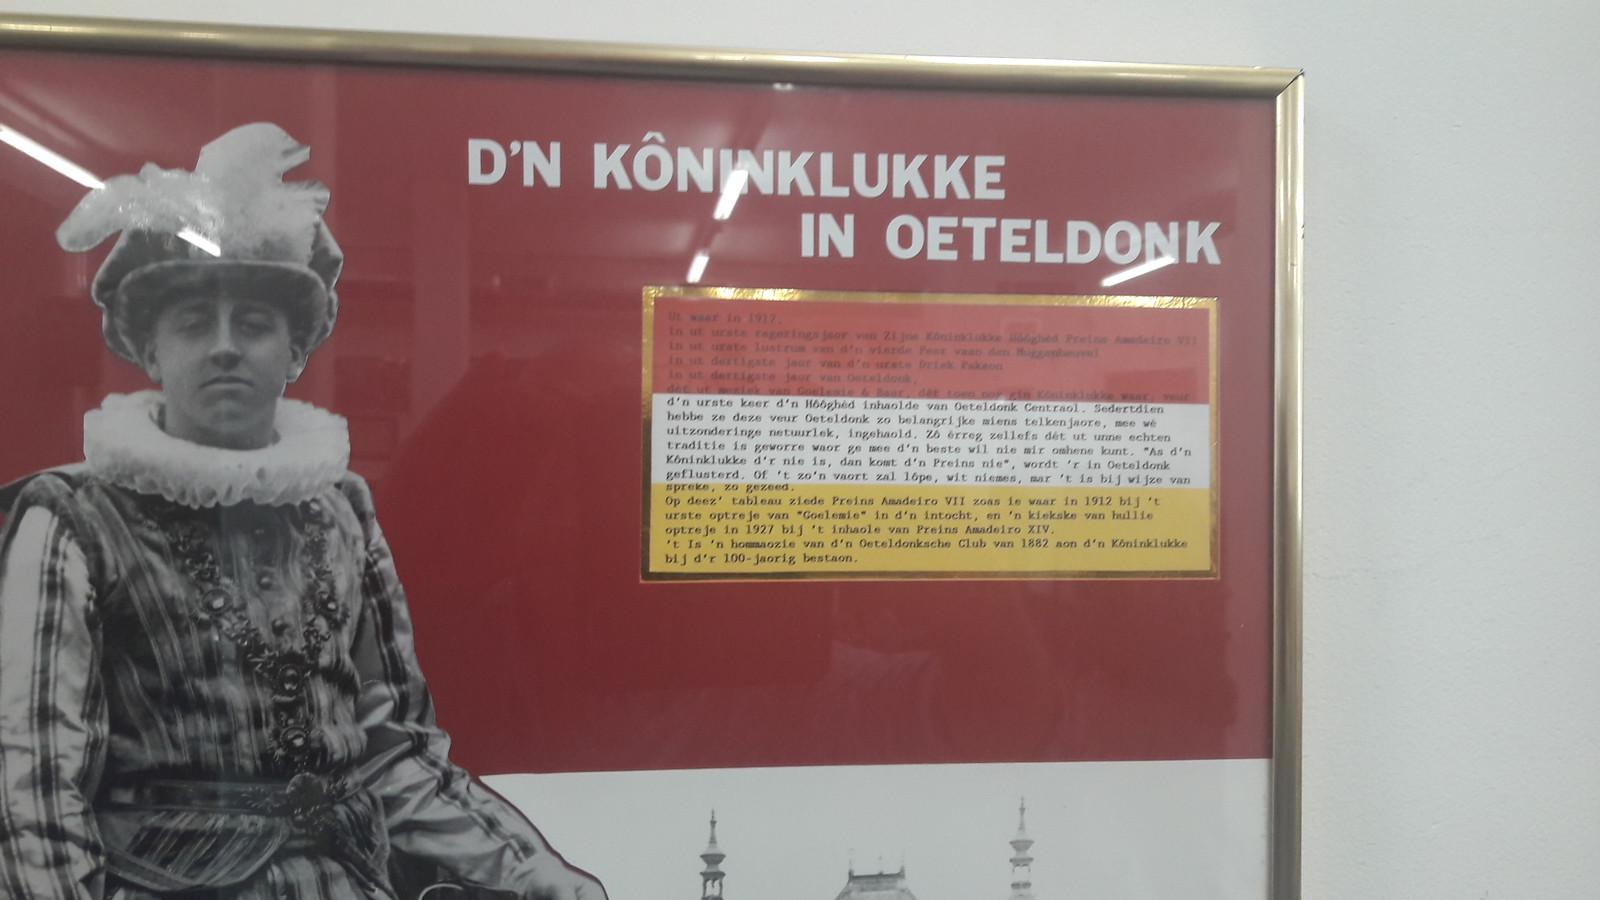 De Koninklijke Harmonie in Den Bosch, onlosmakelijk verbonden met Oeteldonk.